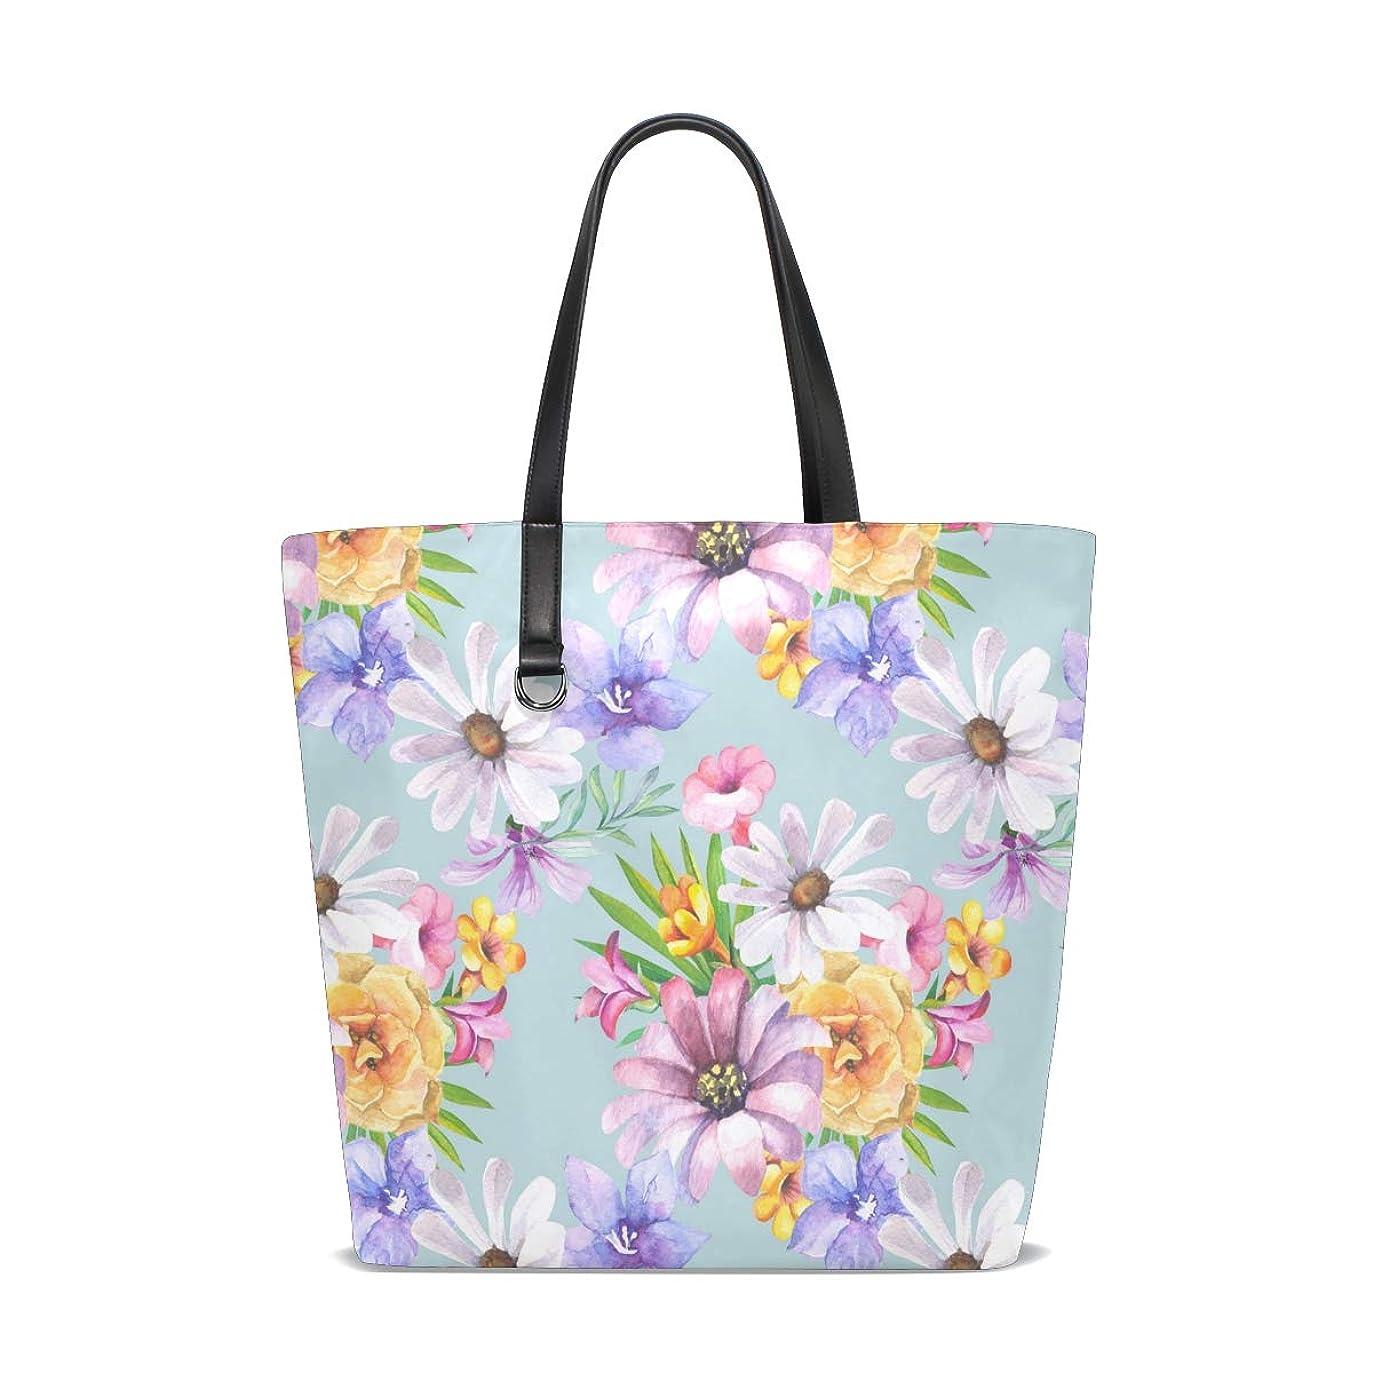 ハーフ市民中庭トートバッグ かばん ポリエステル+レザー 黄色 紫色花柄 水彩絵 両面使える 大容量 通勤通学 メンズ レディース